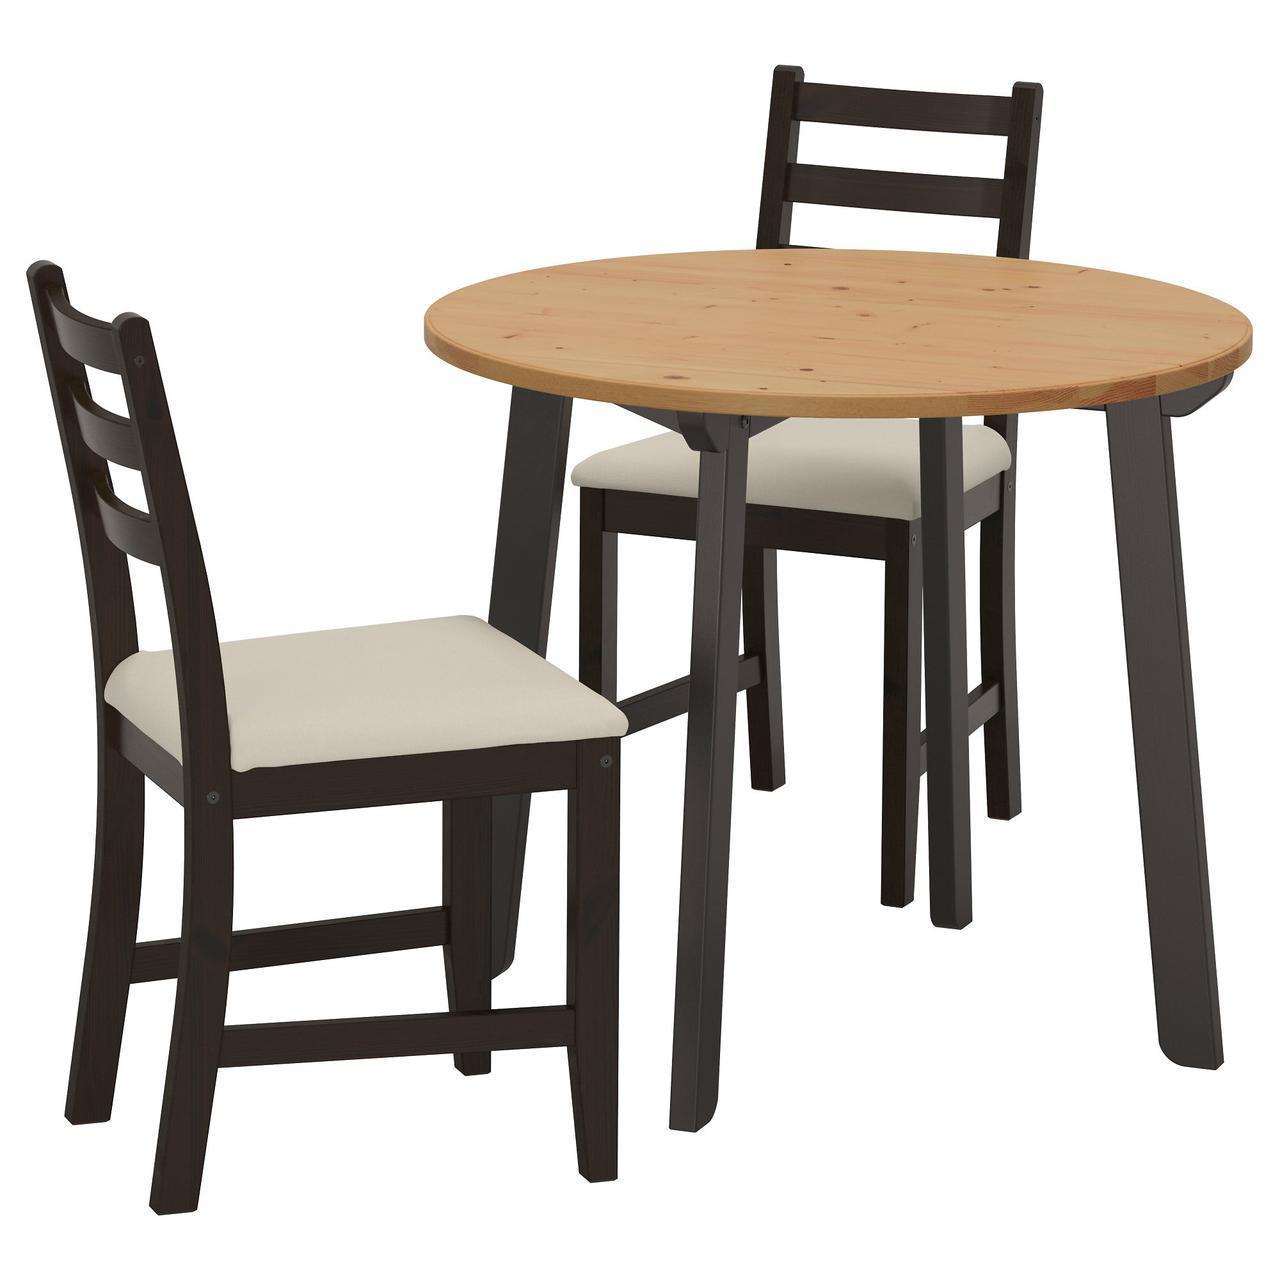 Комплект для кухні (стіл і 2 стільці) IKEA GAMLARED / LERHAMN Vittaryd бежевий коричневий 792.211.69